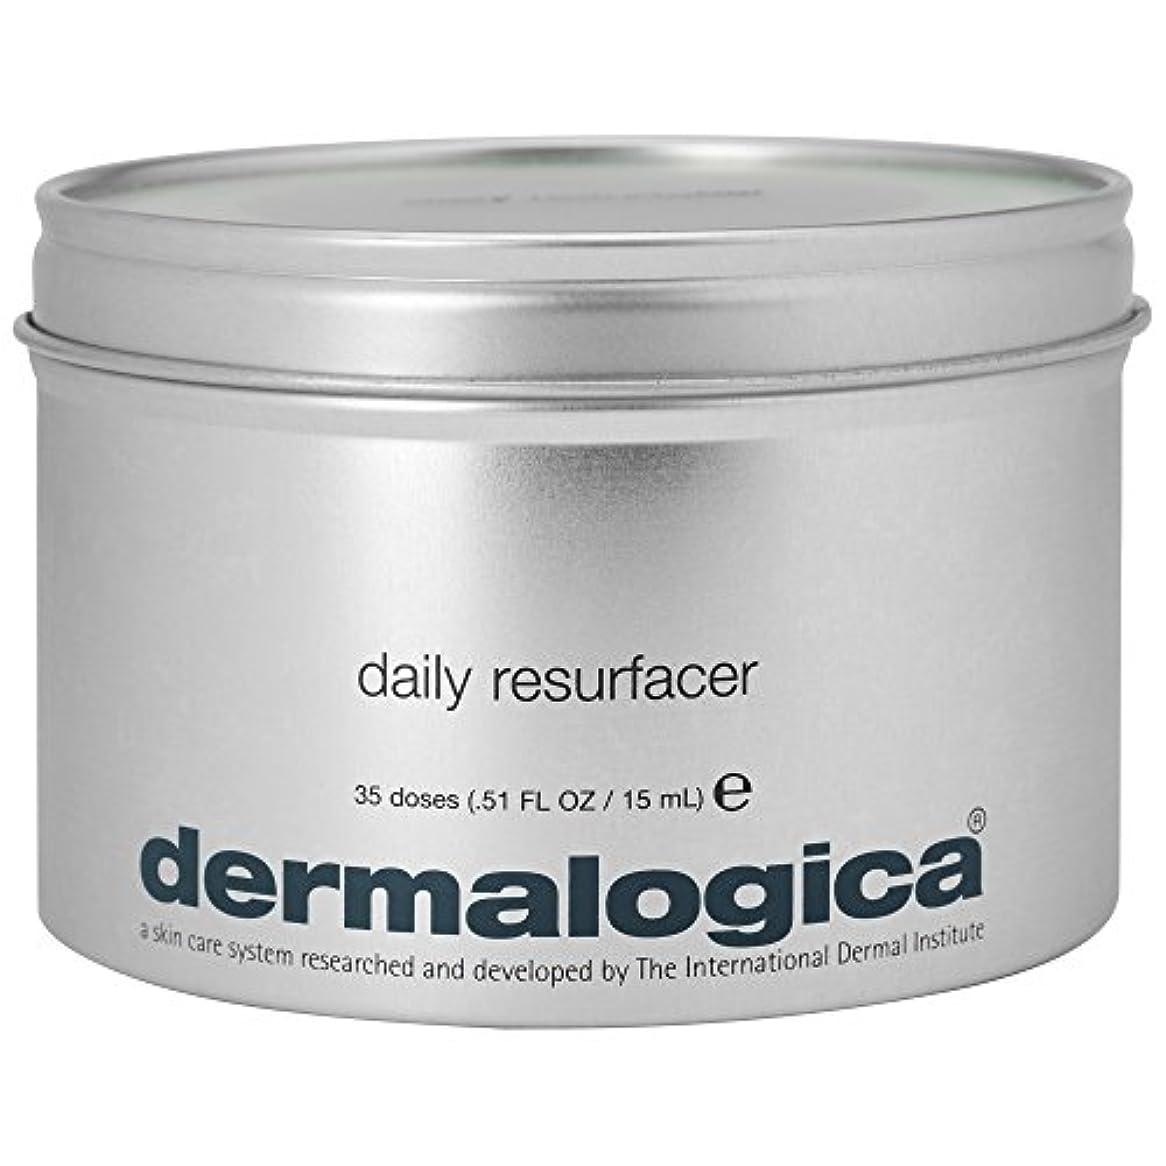 シュガー長いですファンブル35のダーマロジカ毎日Resurfacerパック (Dermalogica) (x2) - Dermalogica Daily Resurfacer Pack of 35 (Pack of 2) [並行輸入品]